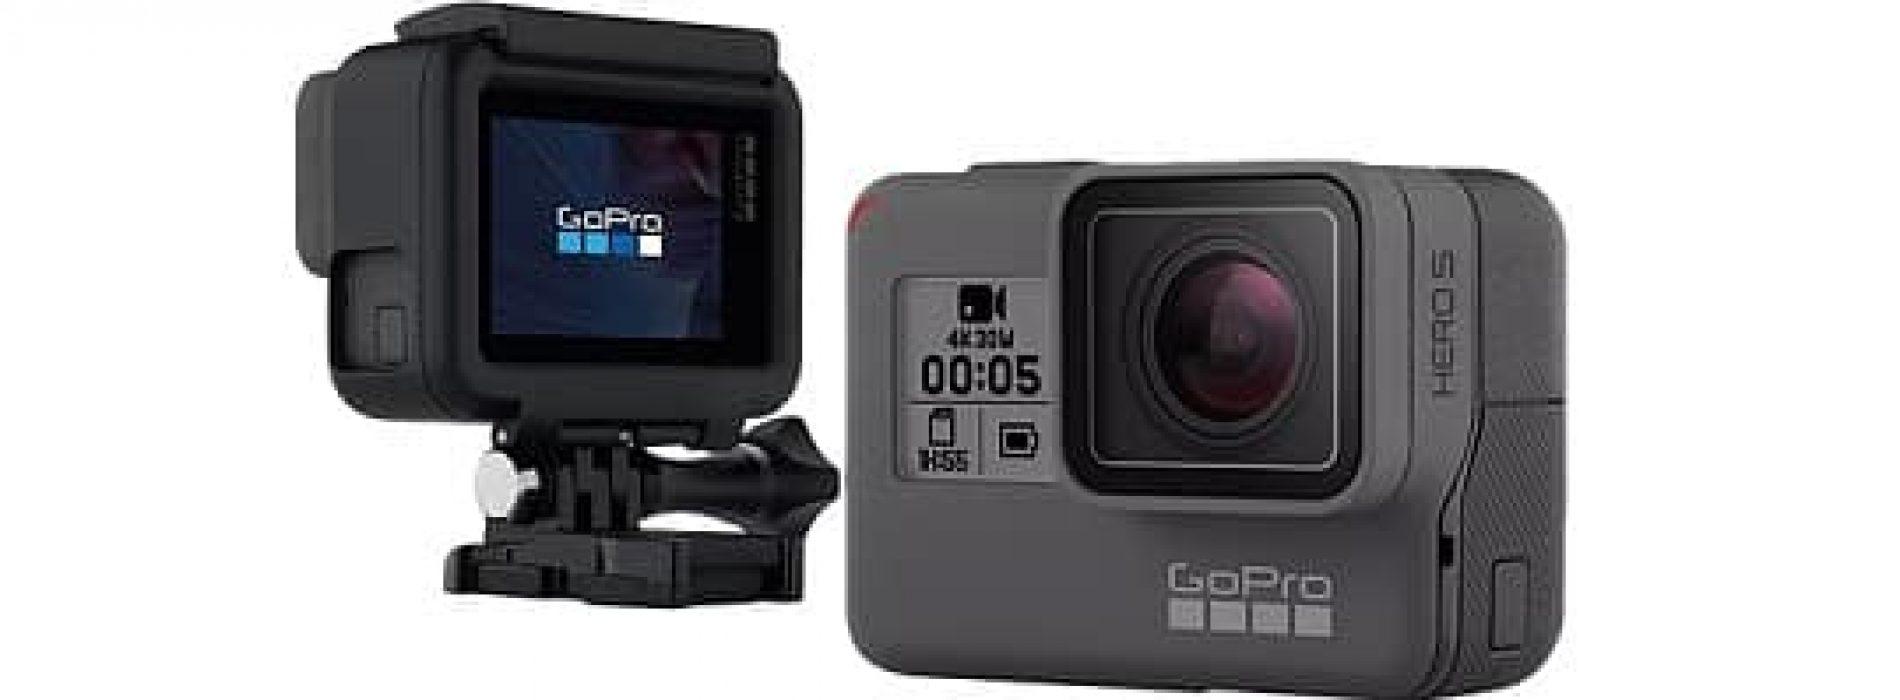 GoPro Hero 5 BLACK Actionkamera – Test og kommentarer